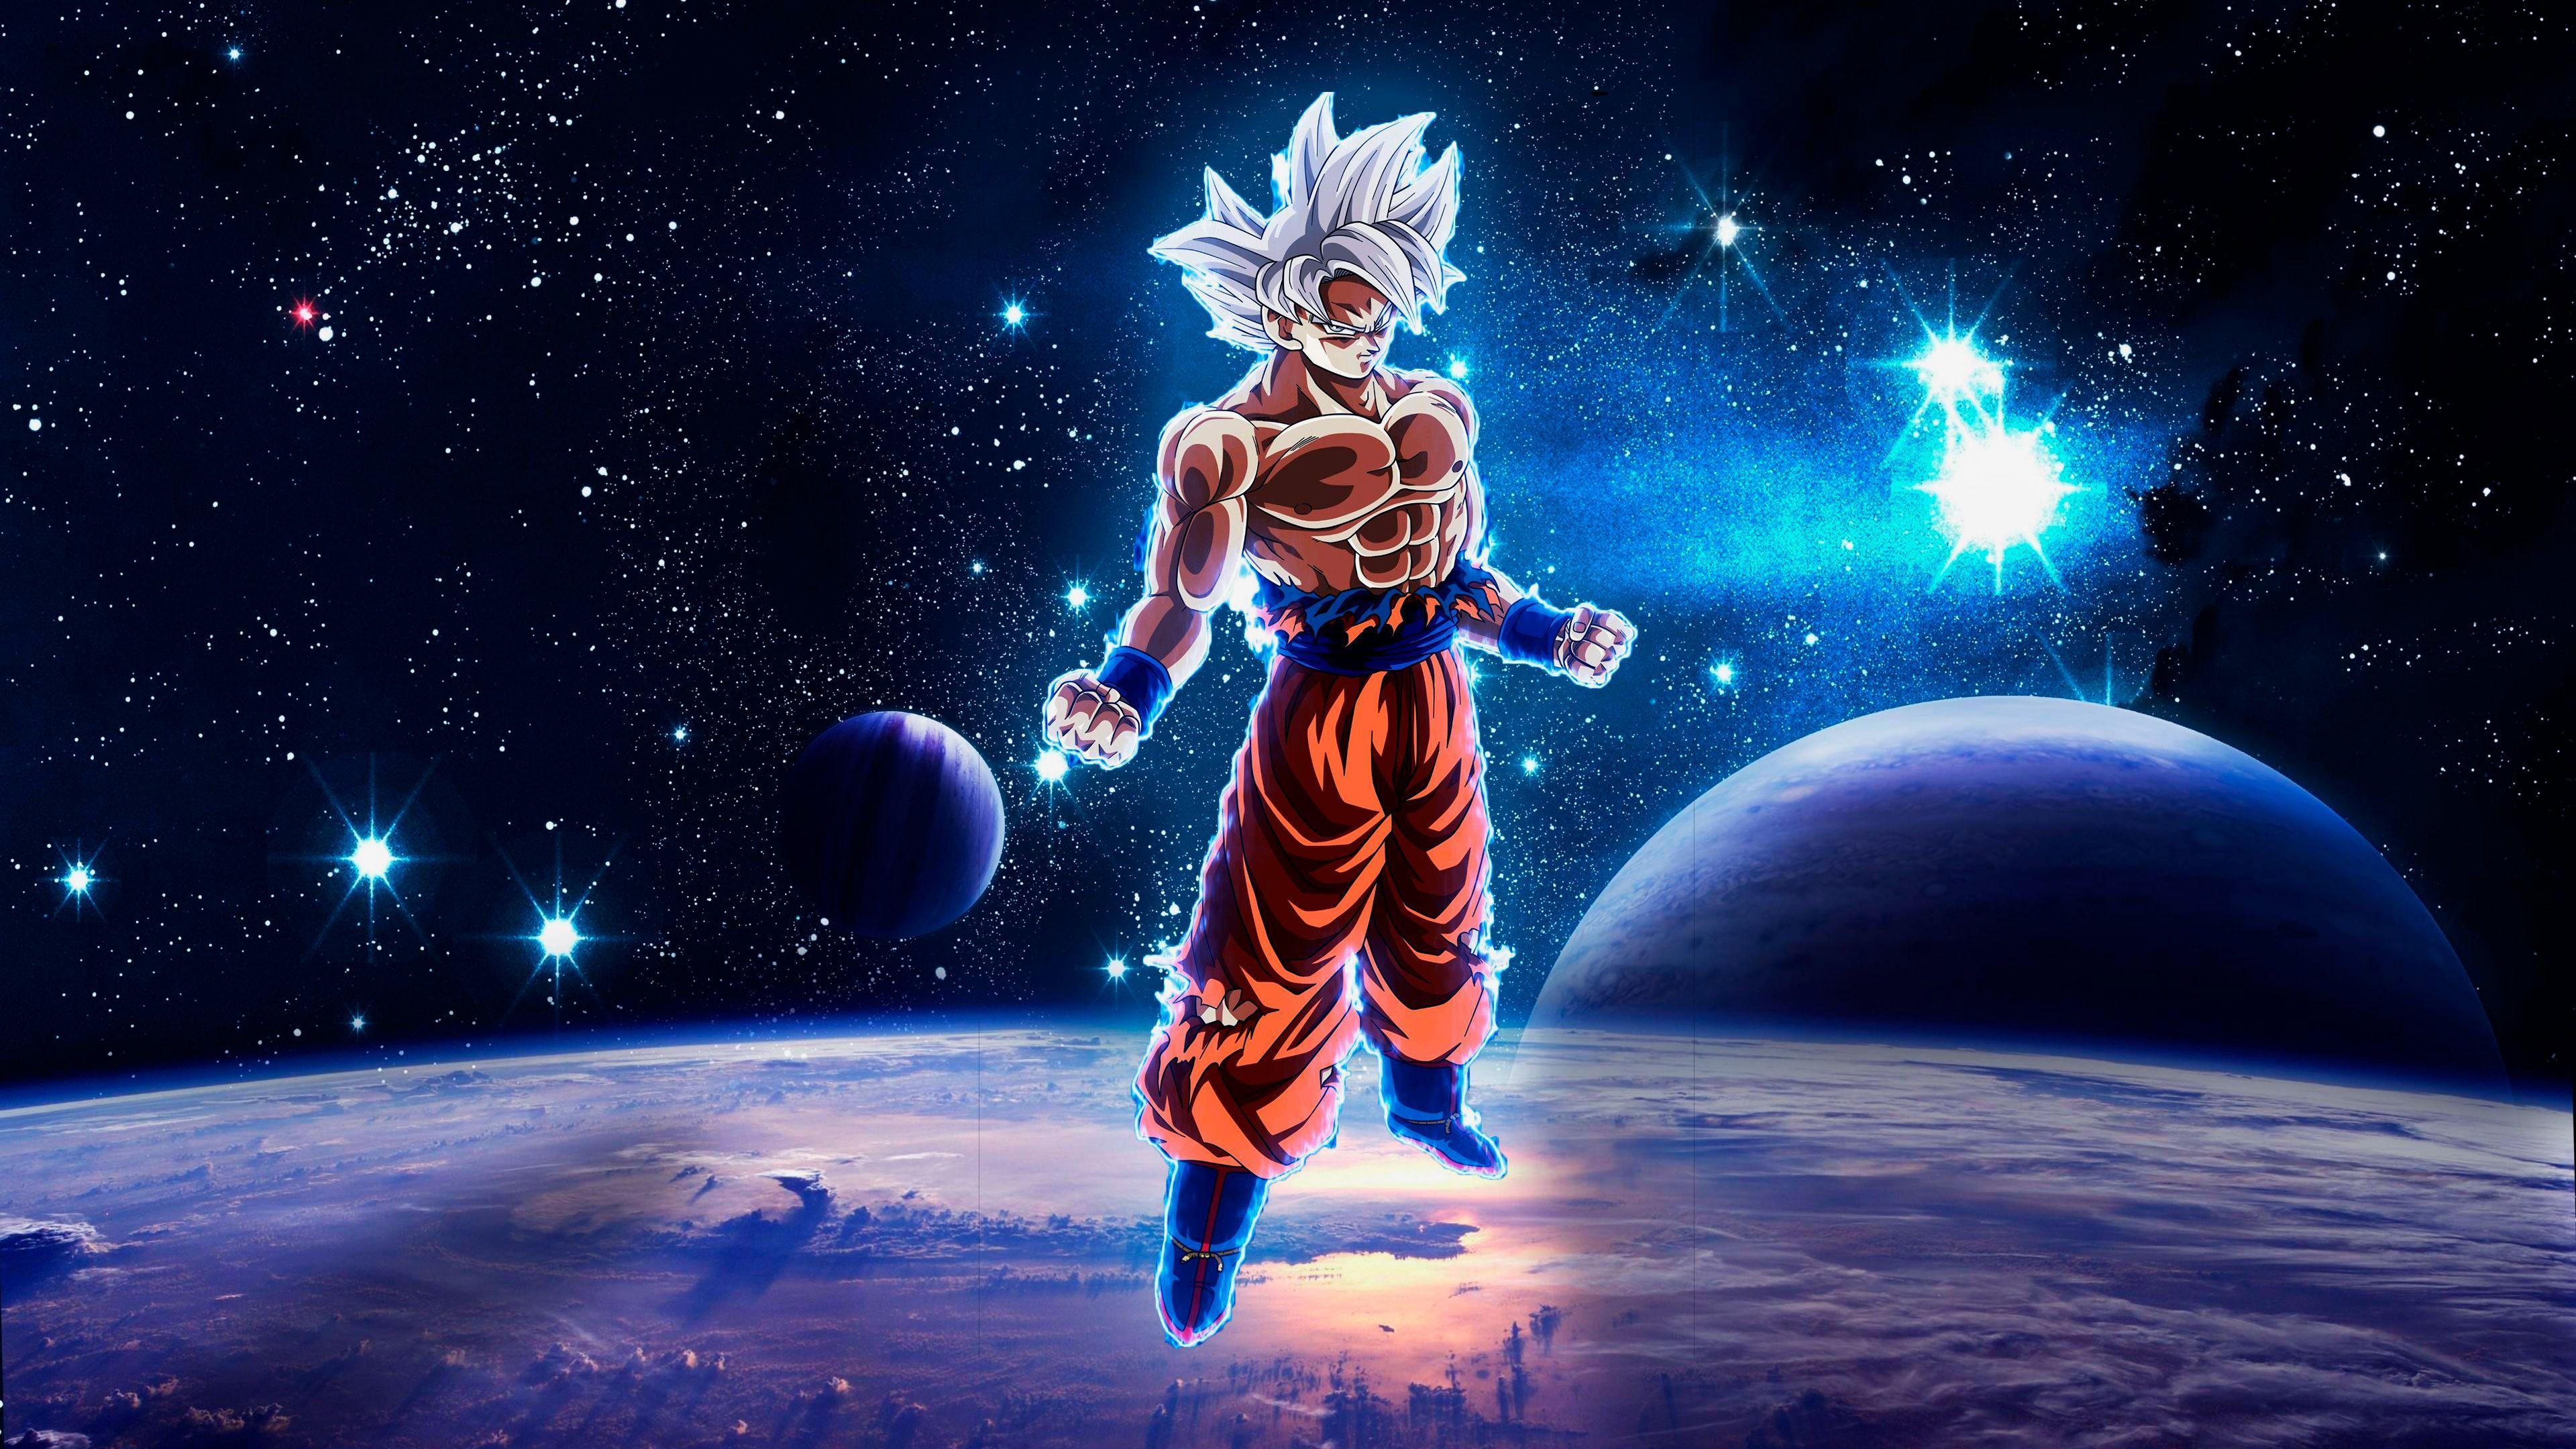 4k Goku Wallpapers Top Free 4k Goku Backgrounds Wallpaperaccess